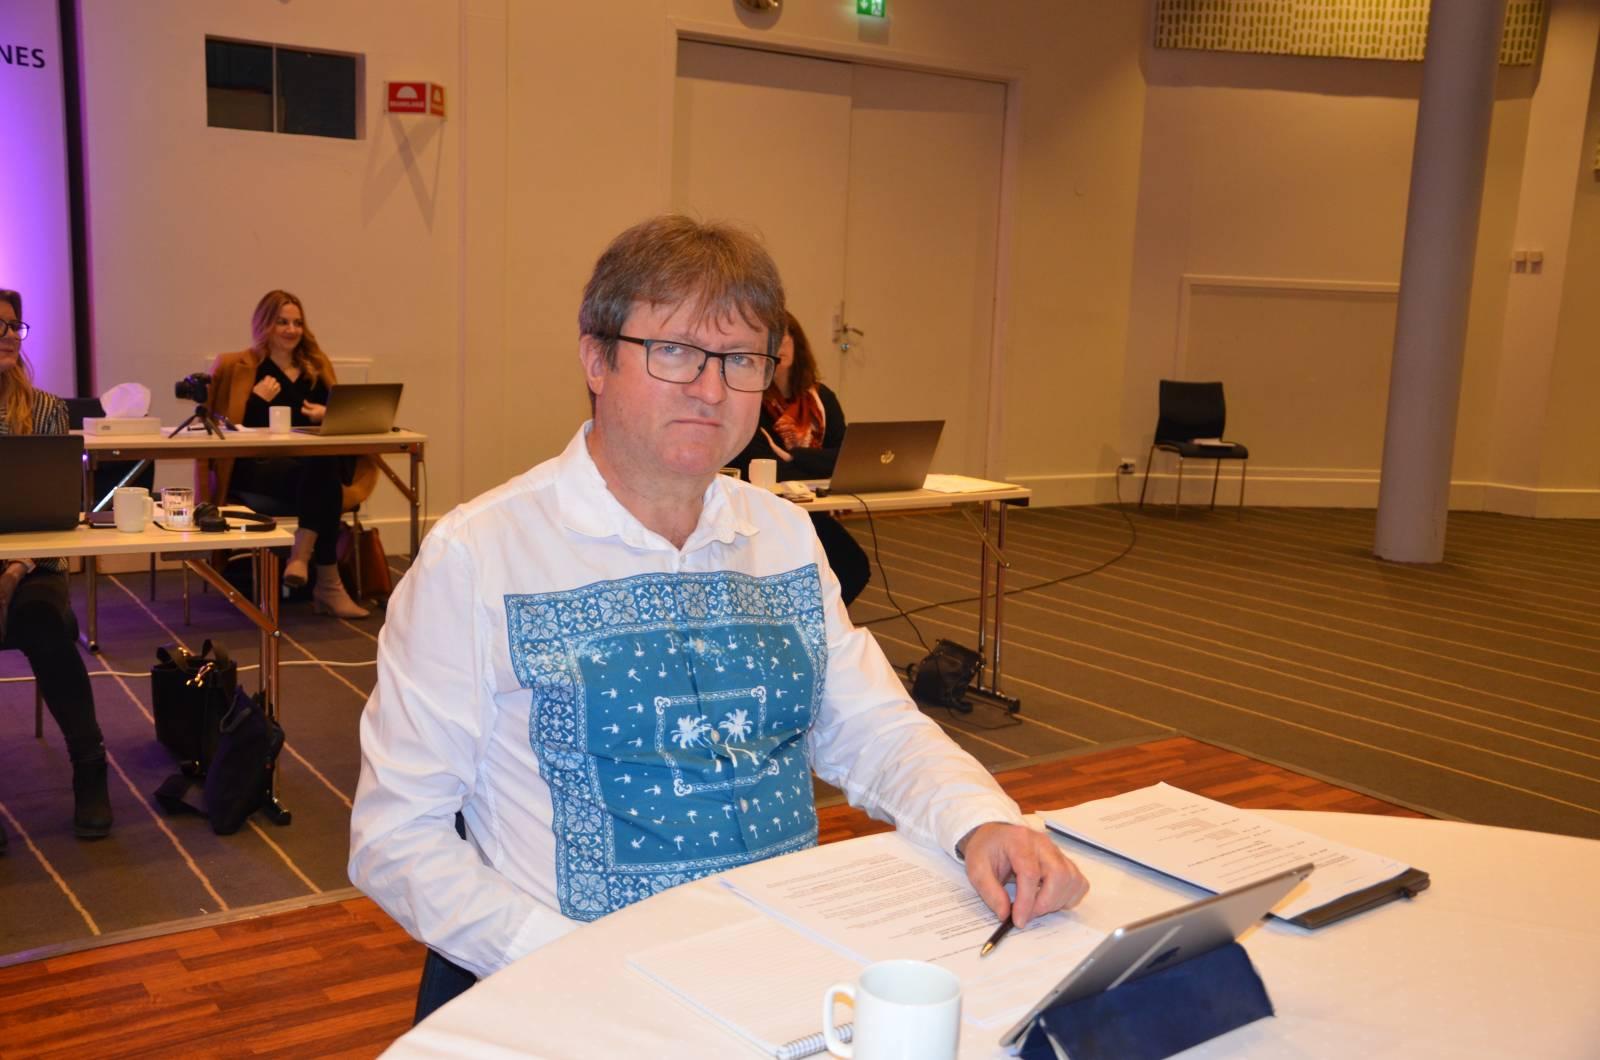 Kongressen del 1, Roy Erling Furres siste før pensjonisttilværelsen venter. Foto: Mette Møllerop